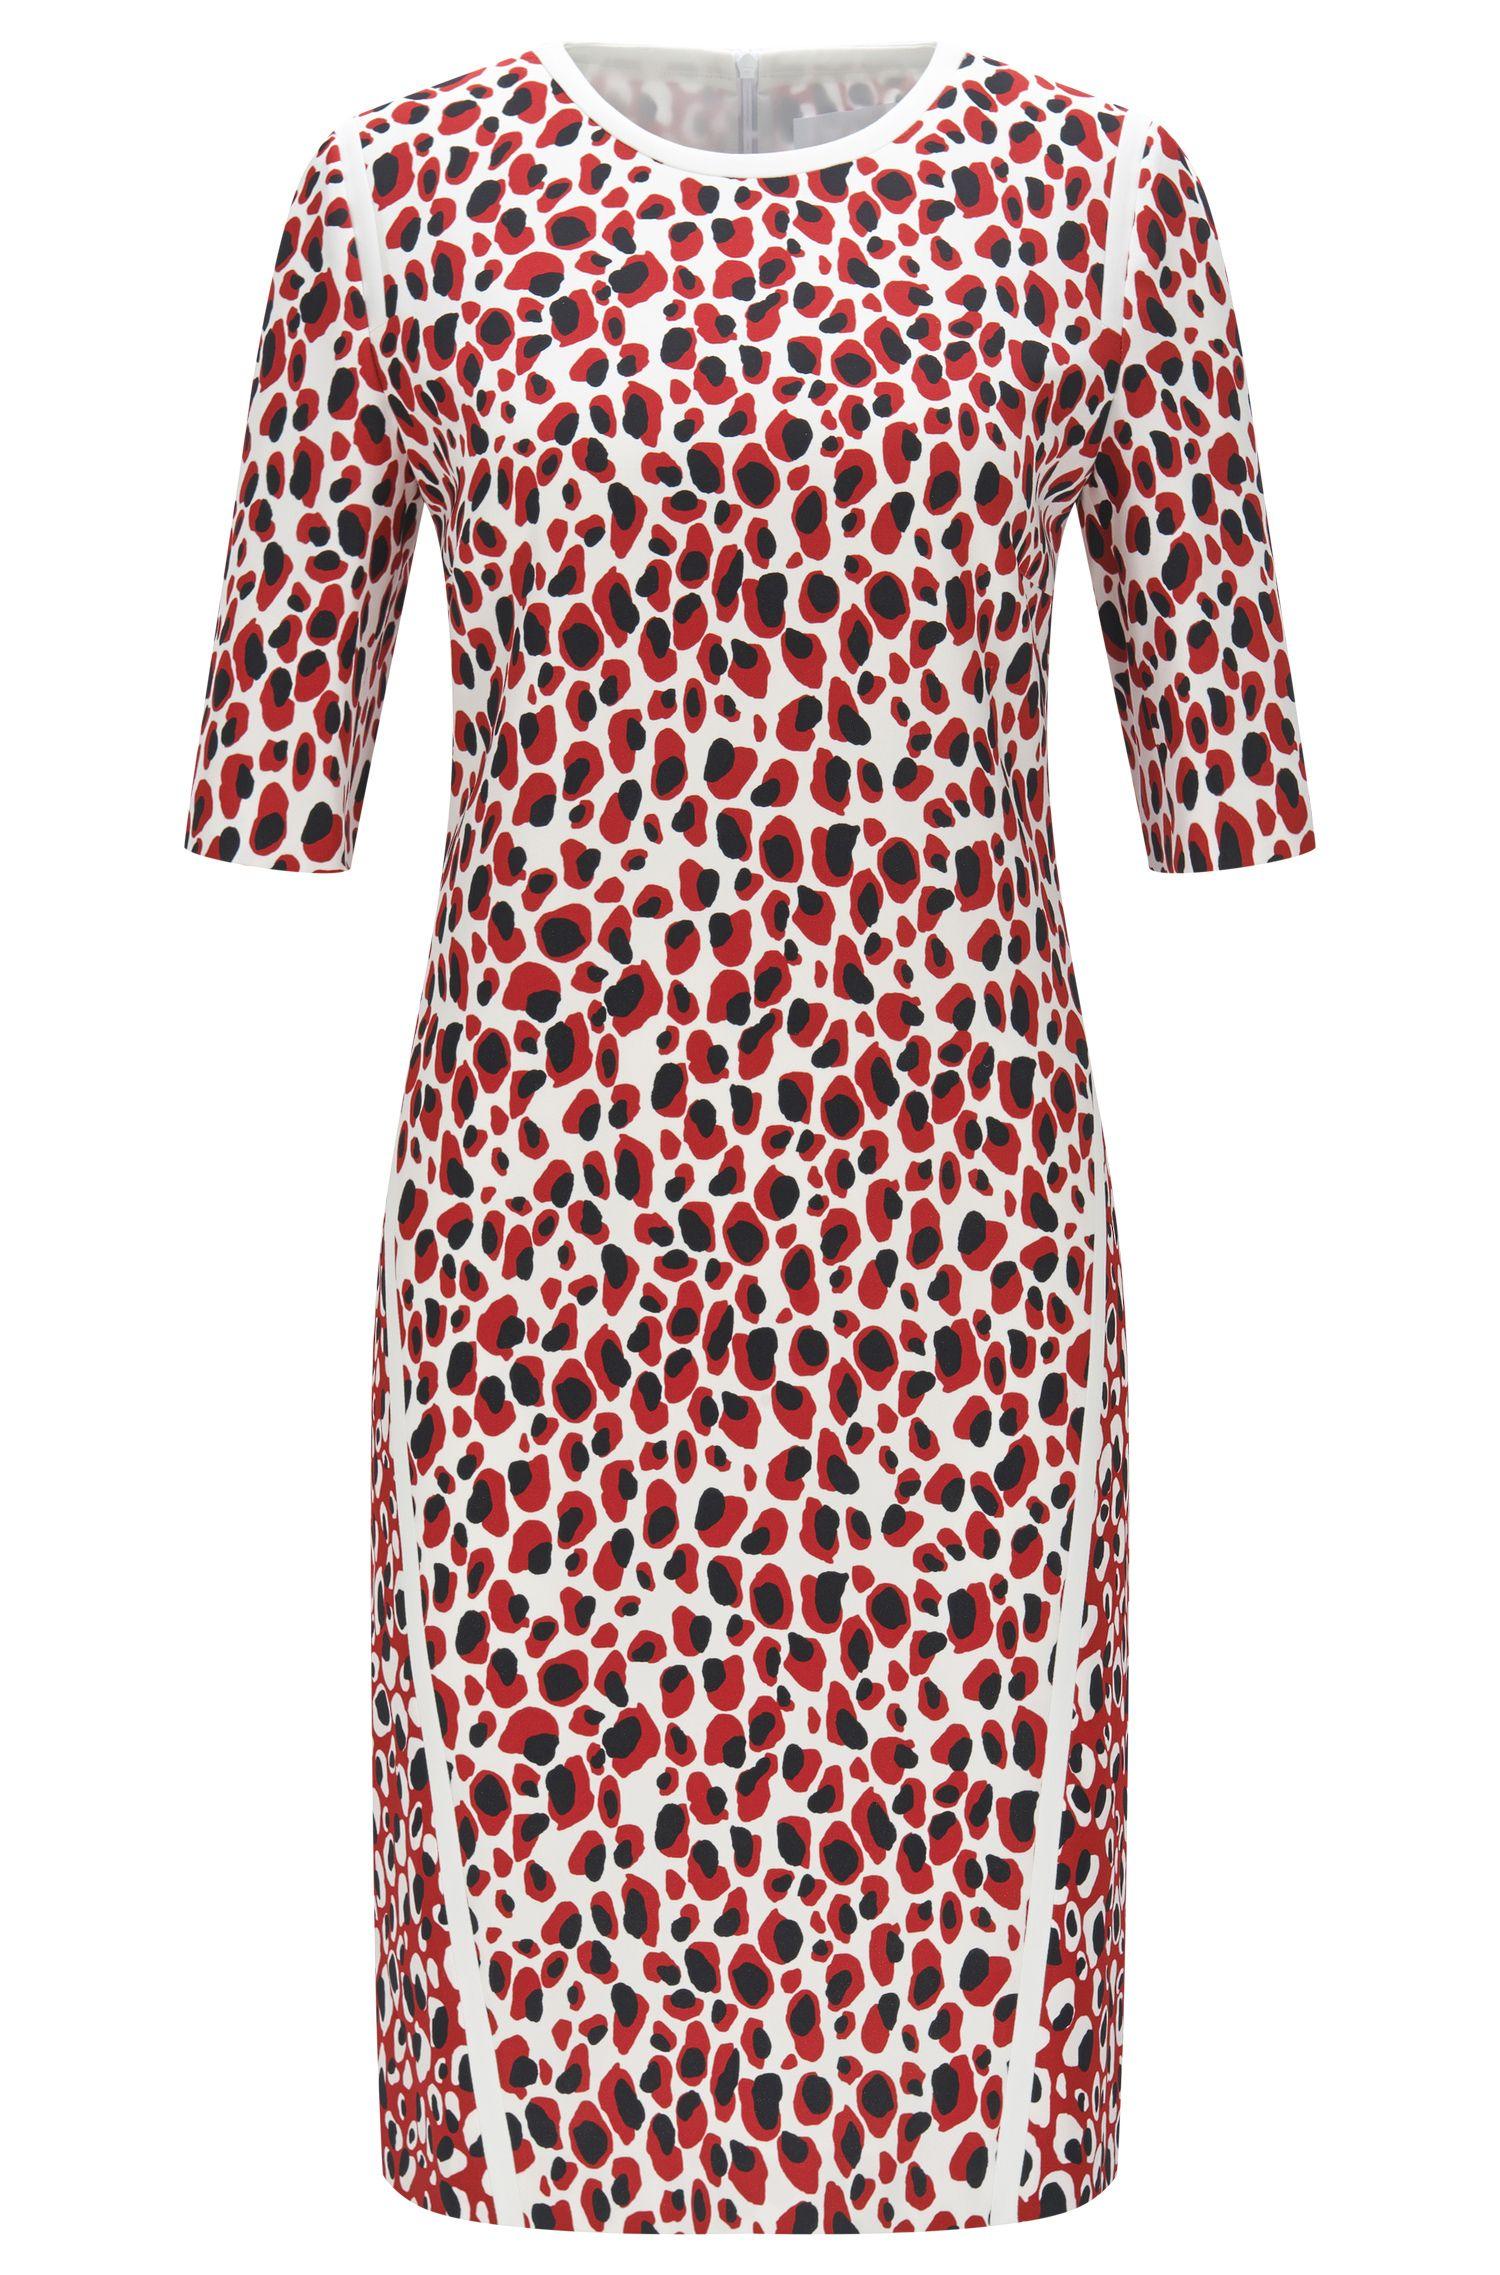 'Desima' | Leopard-Print Stretch Dress